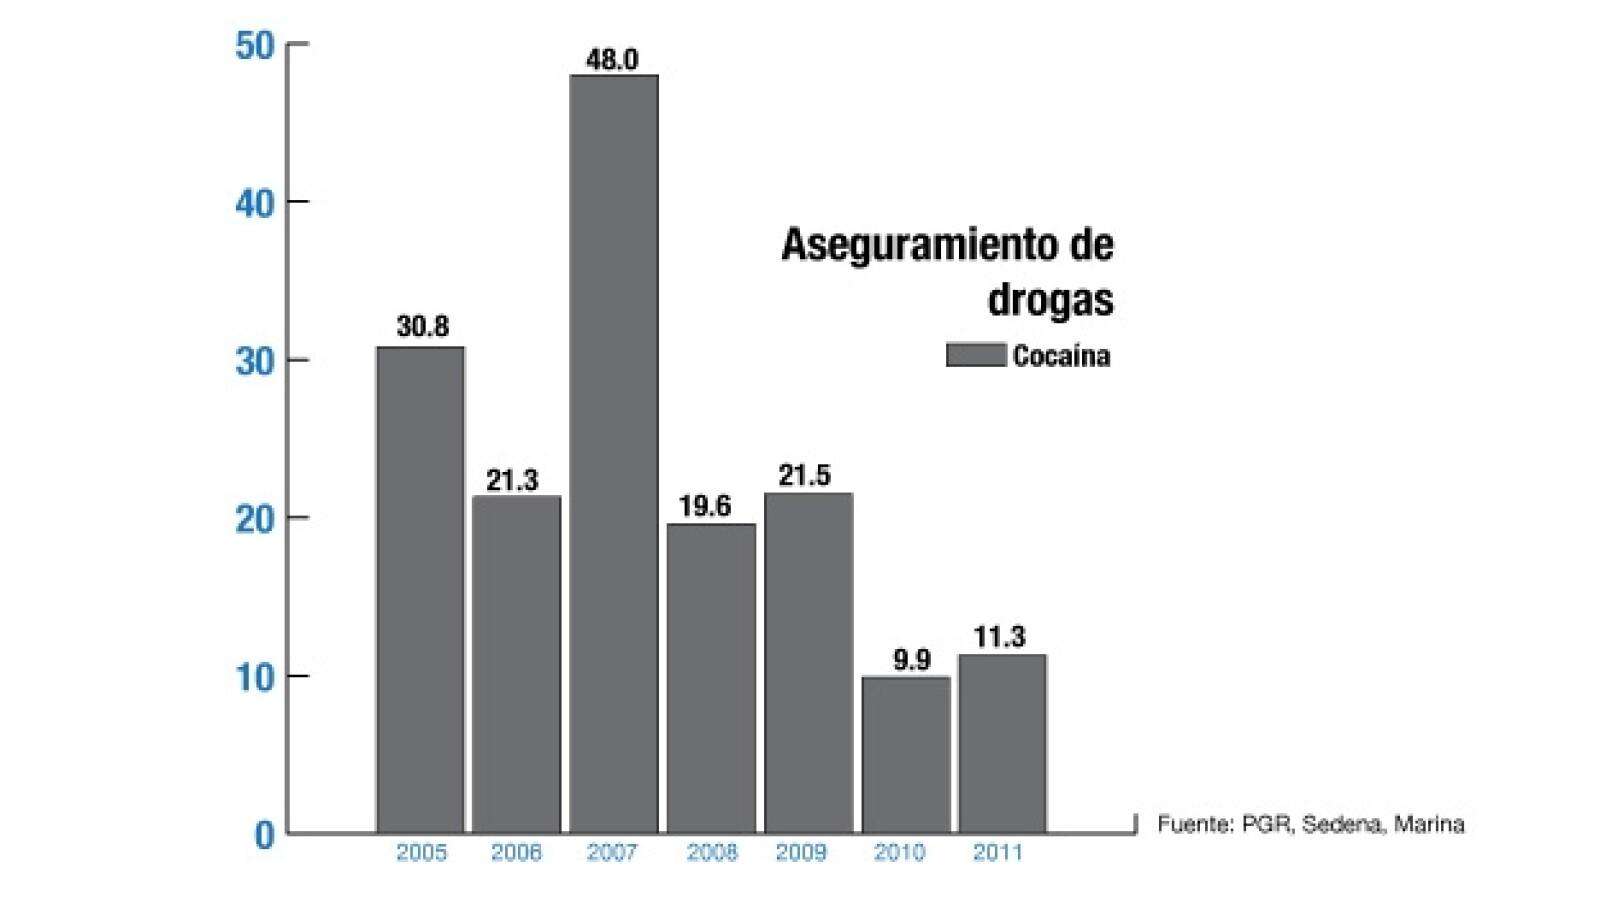 Aseguramiento de drogas cocaina sexenio aclderon